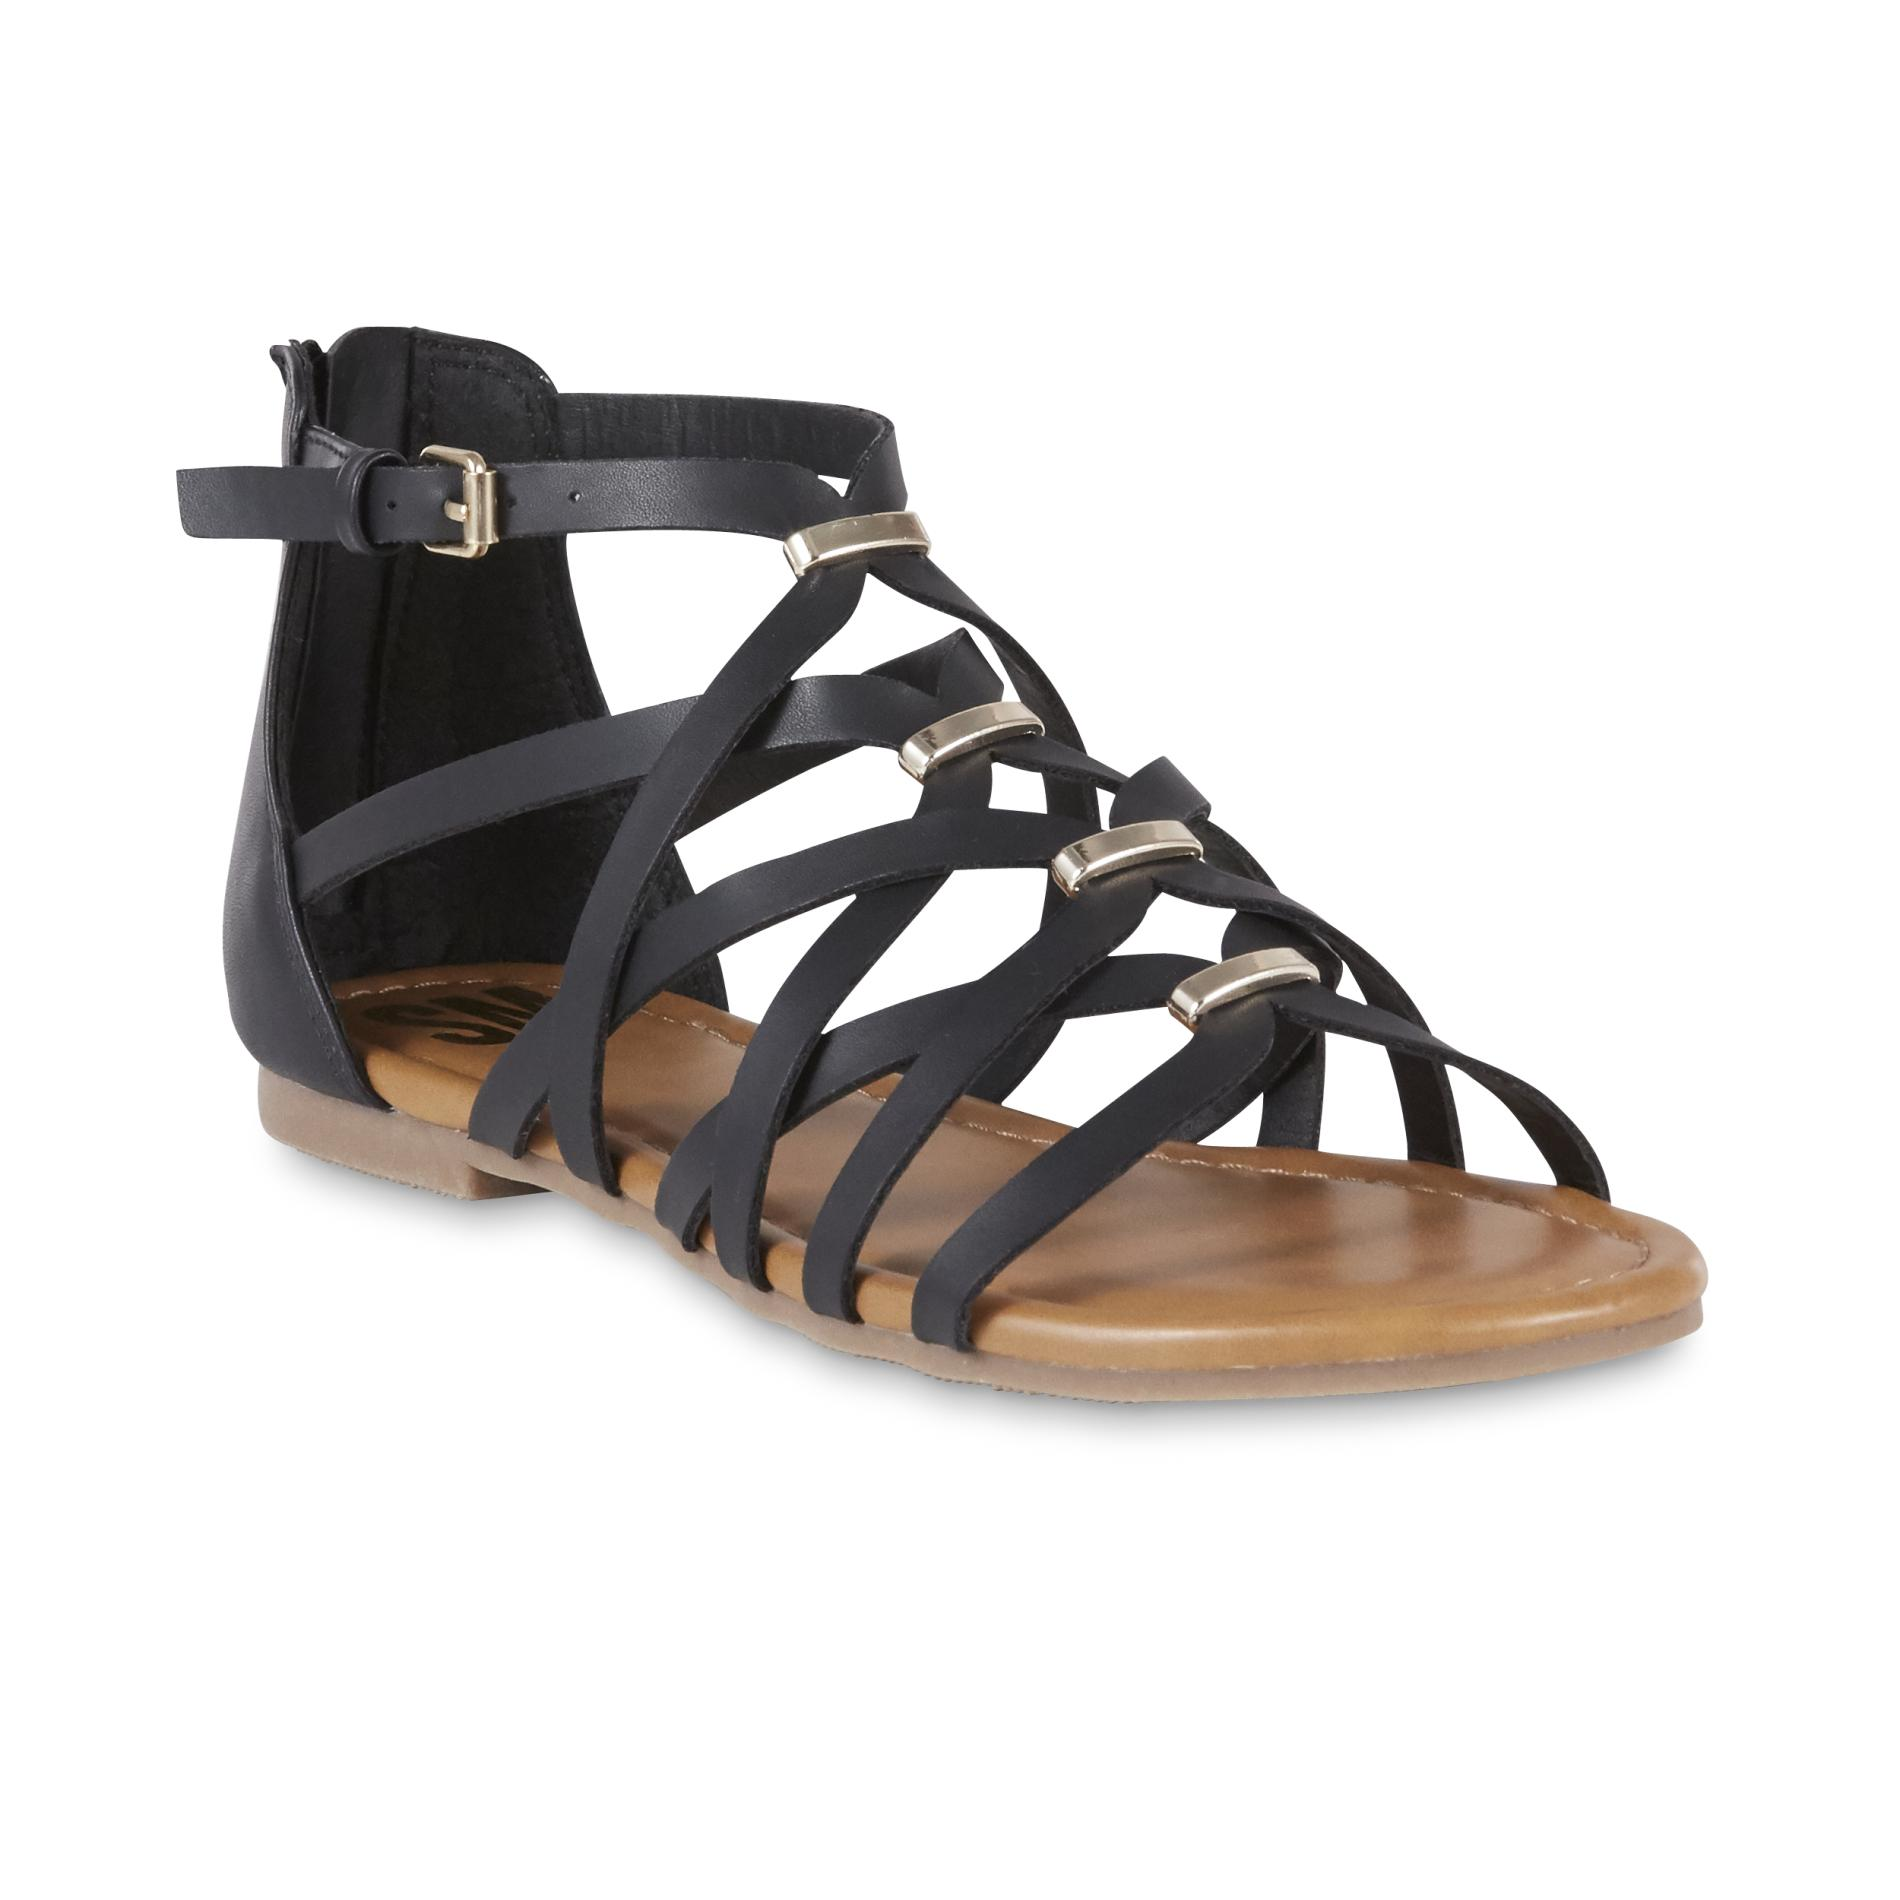 Online way is best way to get womens sandals